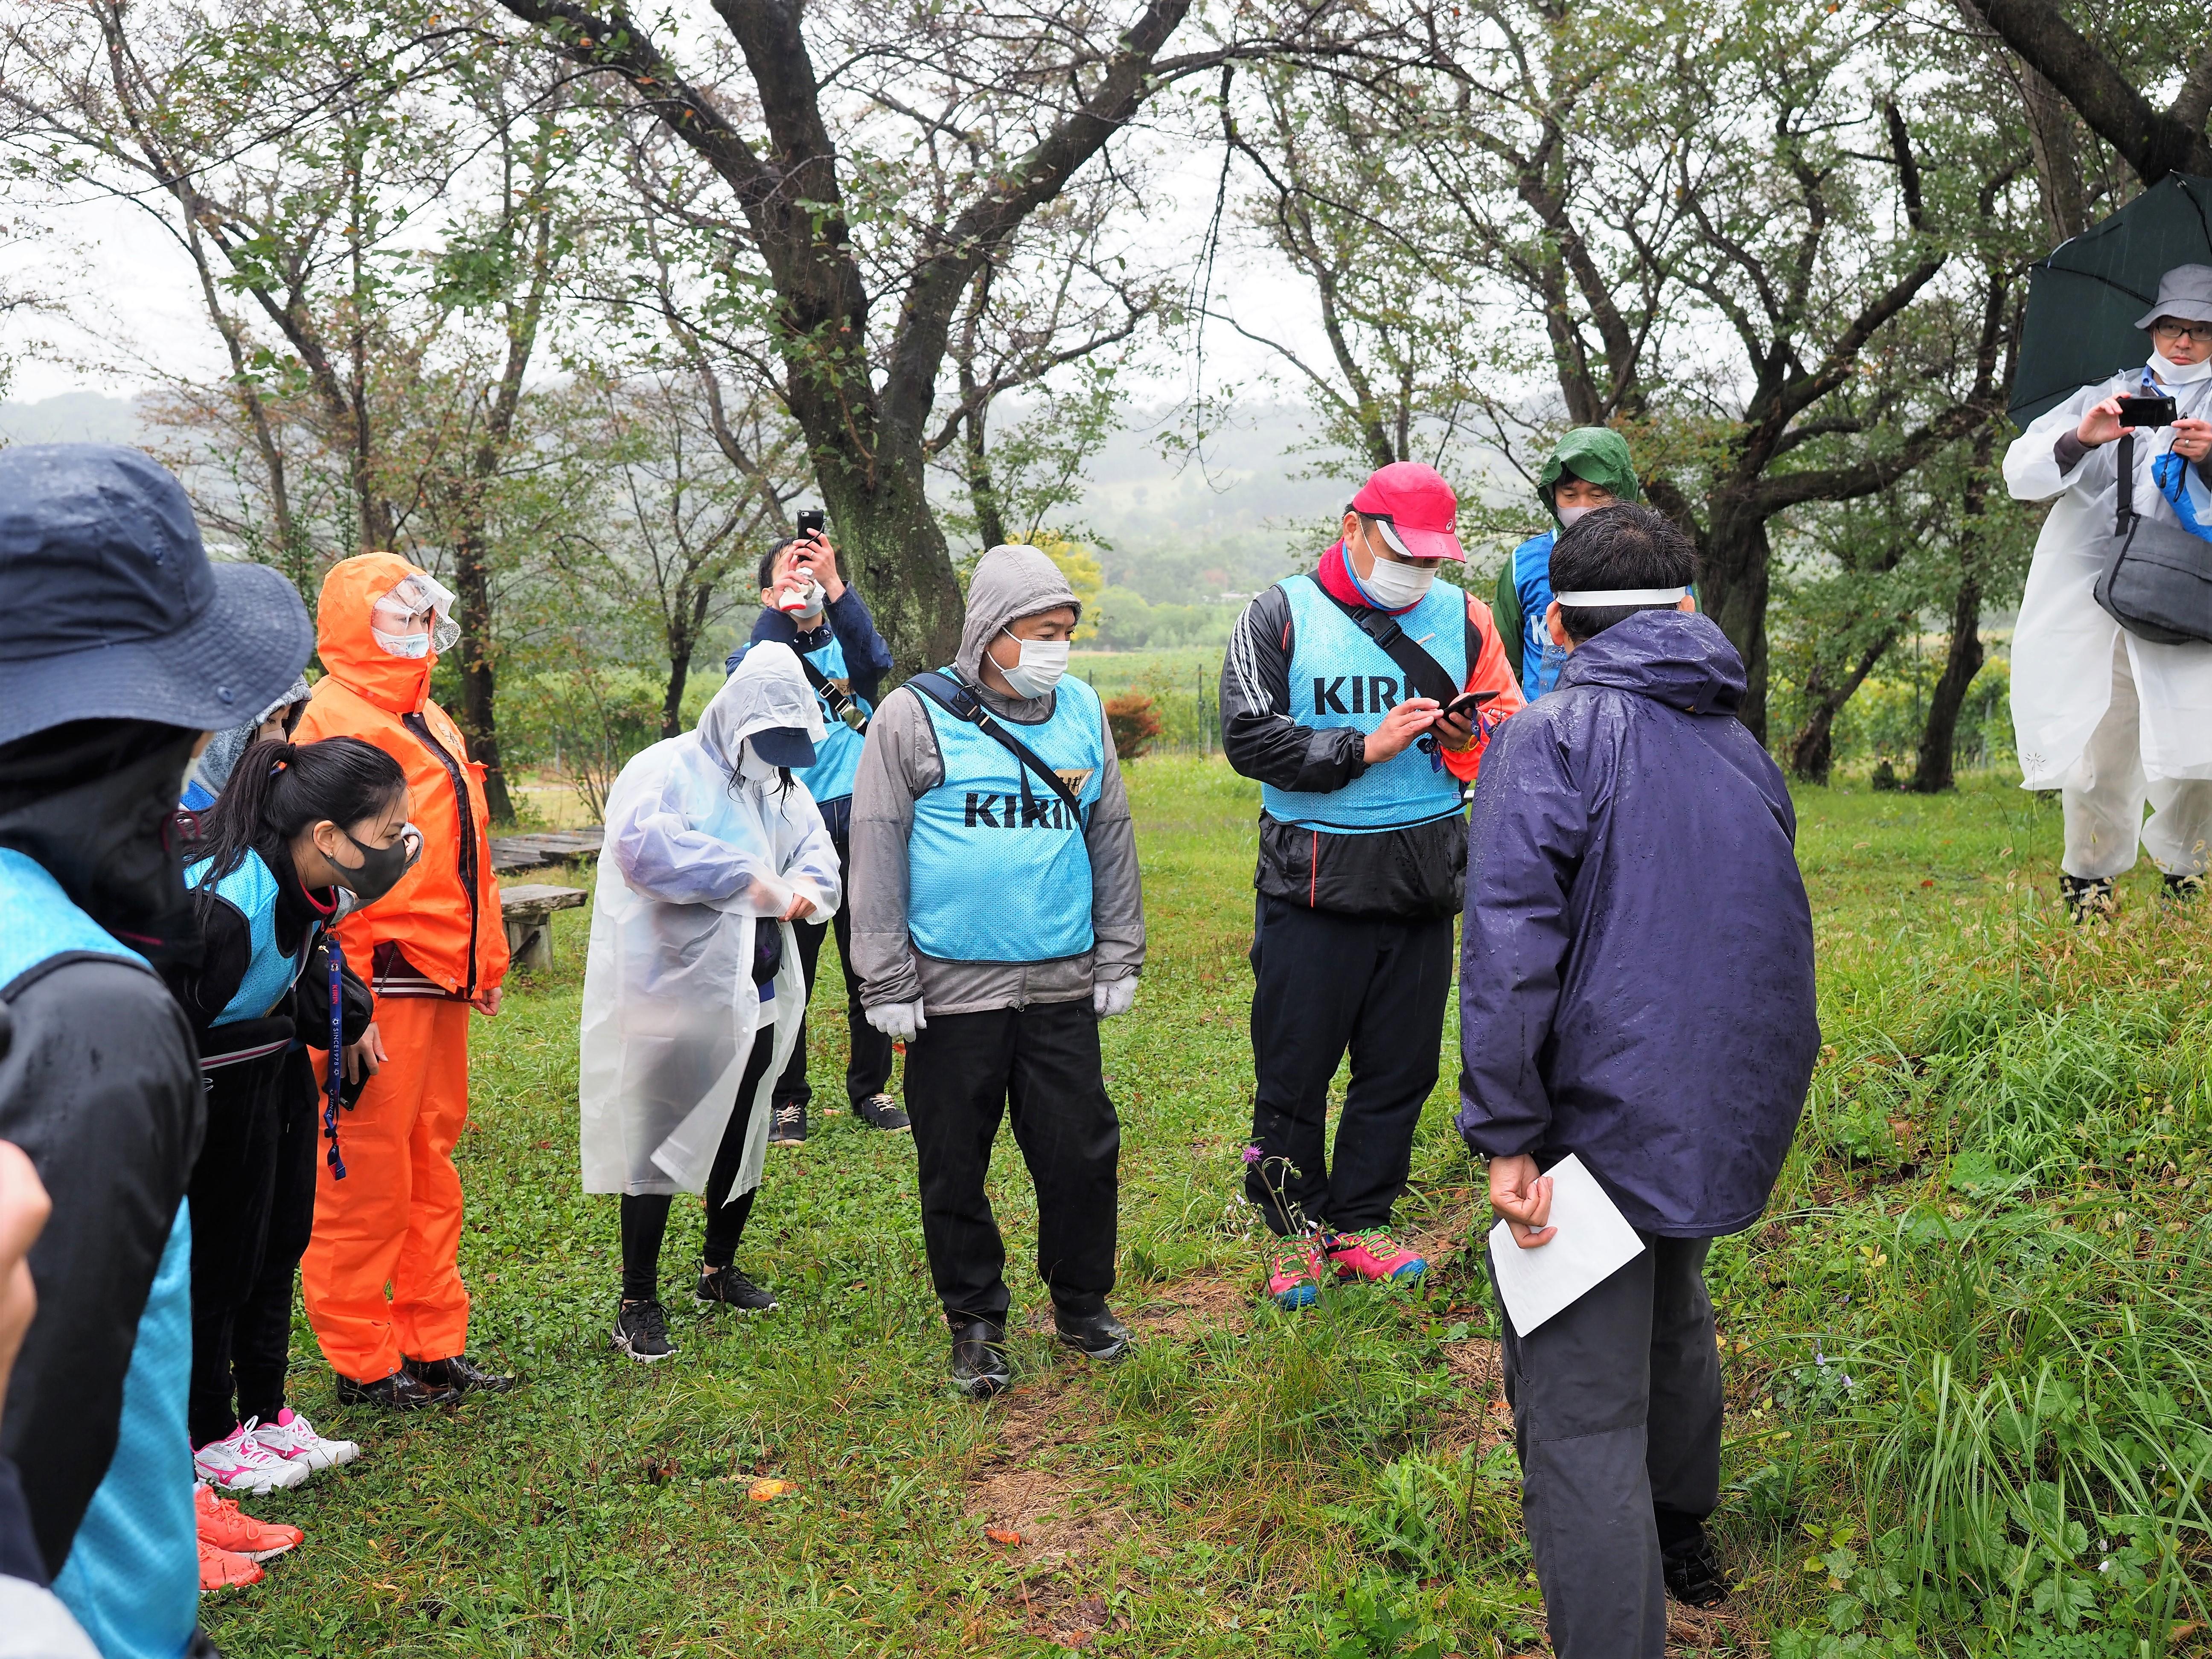 10月に椀子ヴィンヤードでブドウの収穫を手伝った後、楠本先生に椀子の植生についてレクチャーを受ける、キリングループの社員ボランティアの皆さん